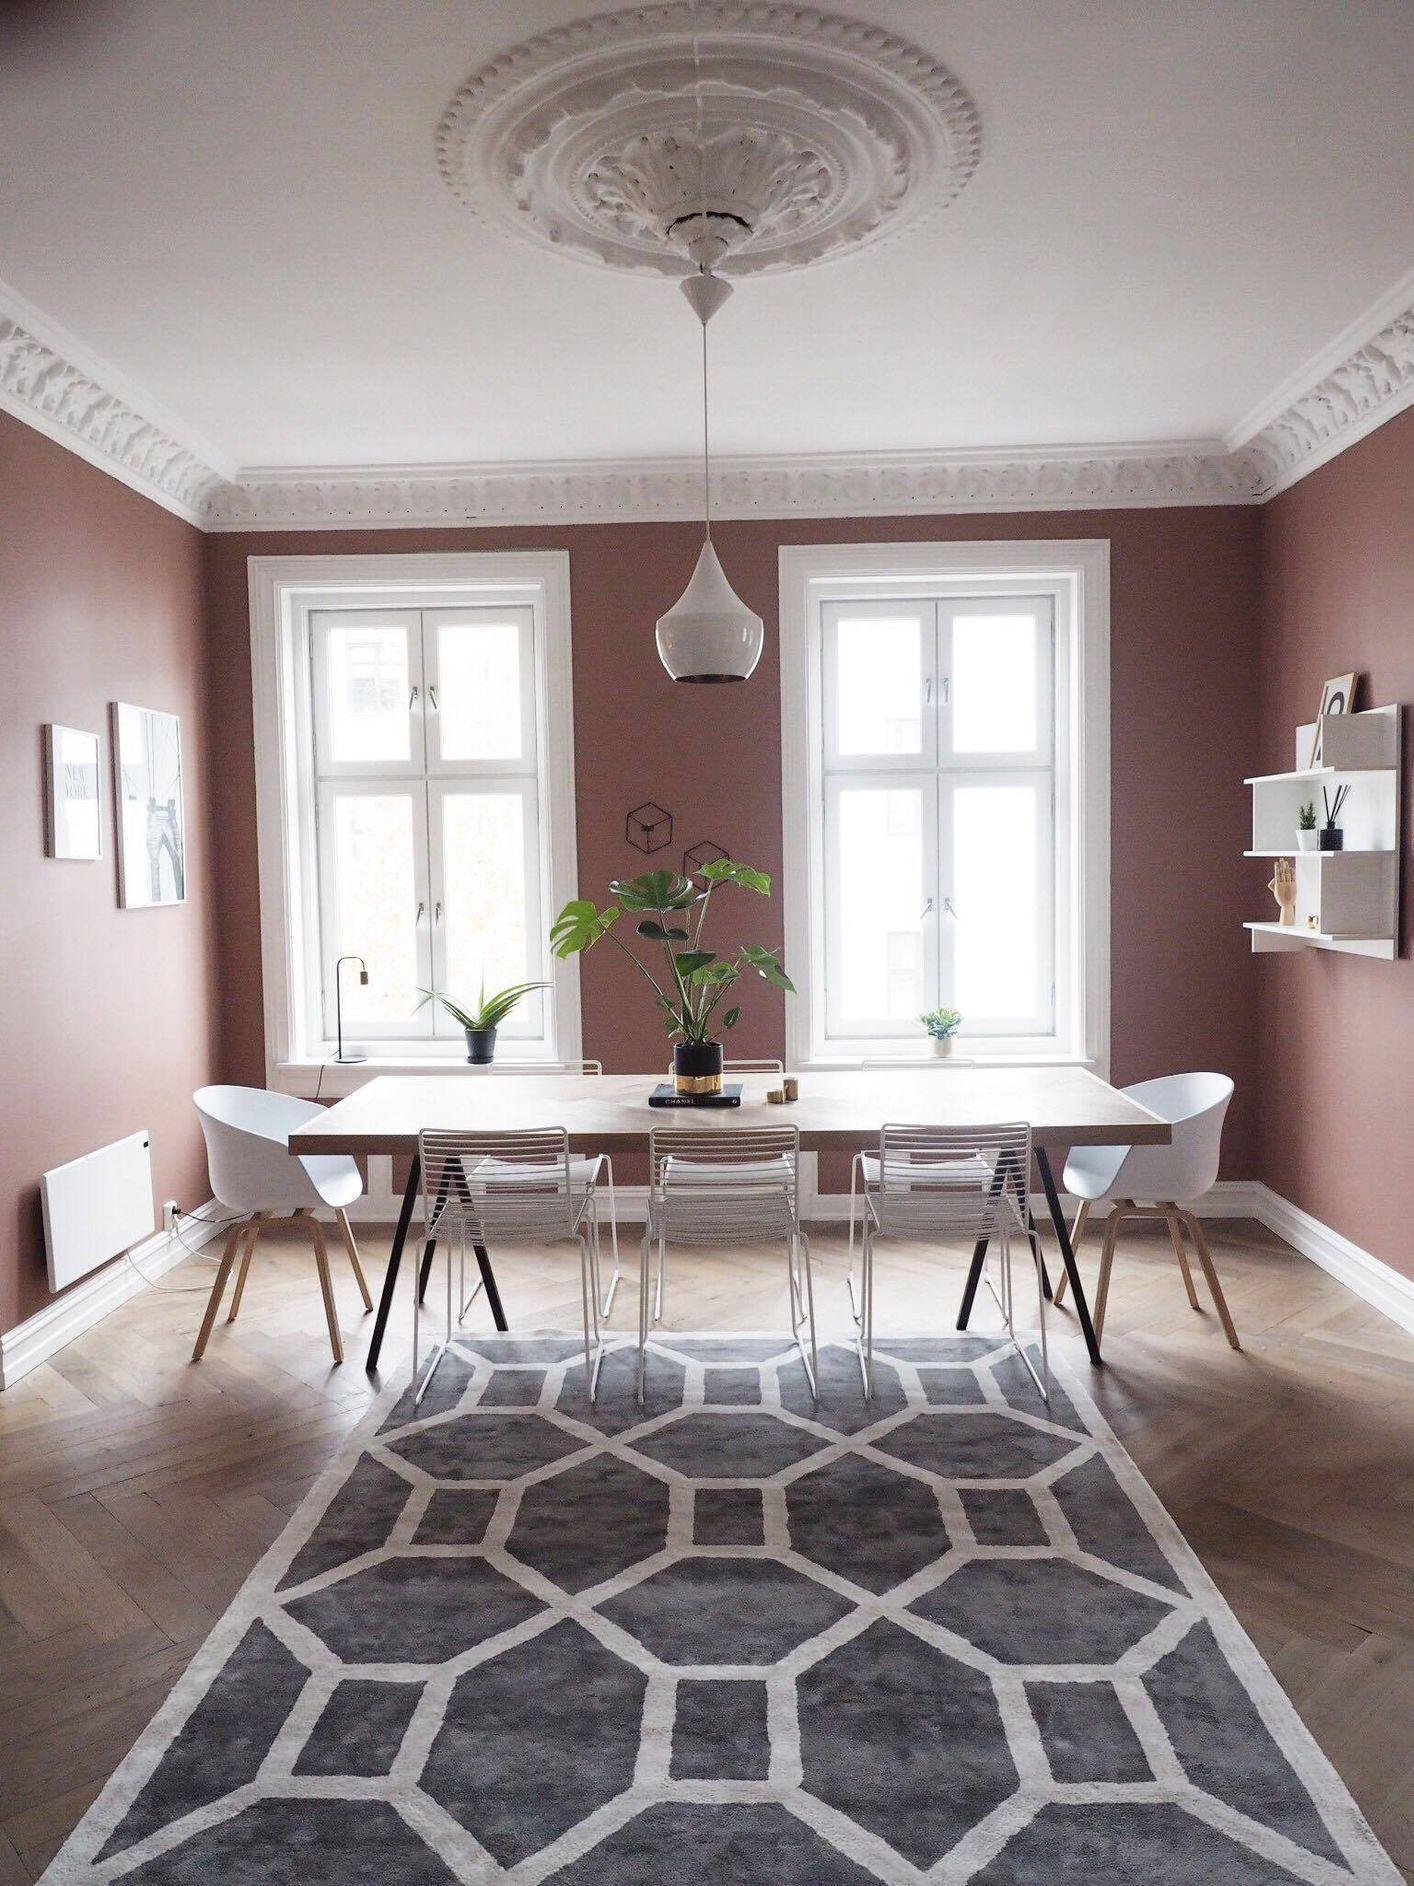 Layered interior also best stukkatur profiler images rh pinterest